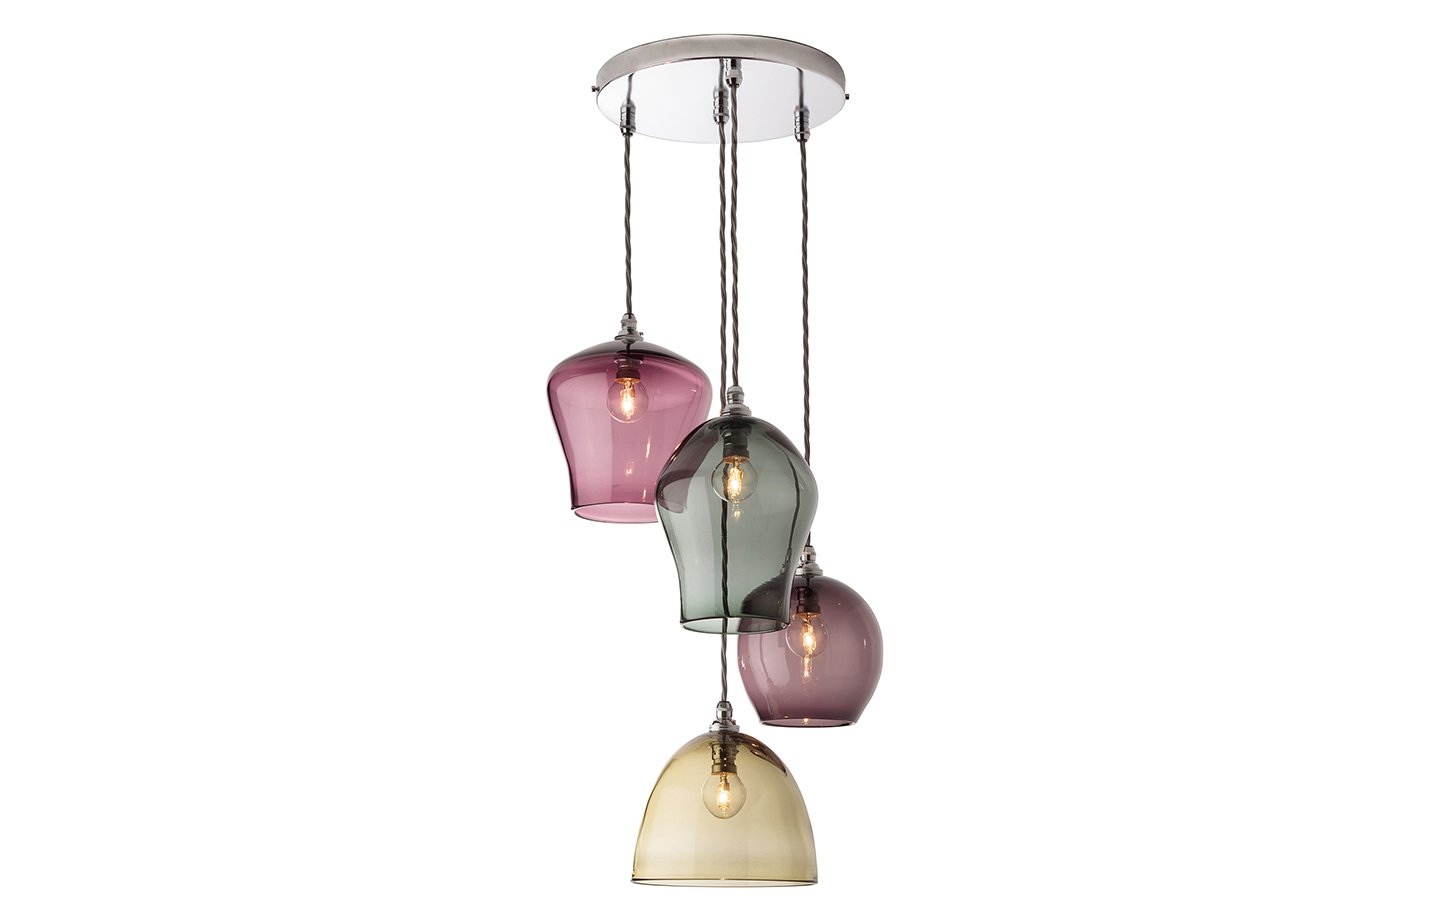 4 drop pendant chandelier lights – Multicolour